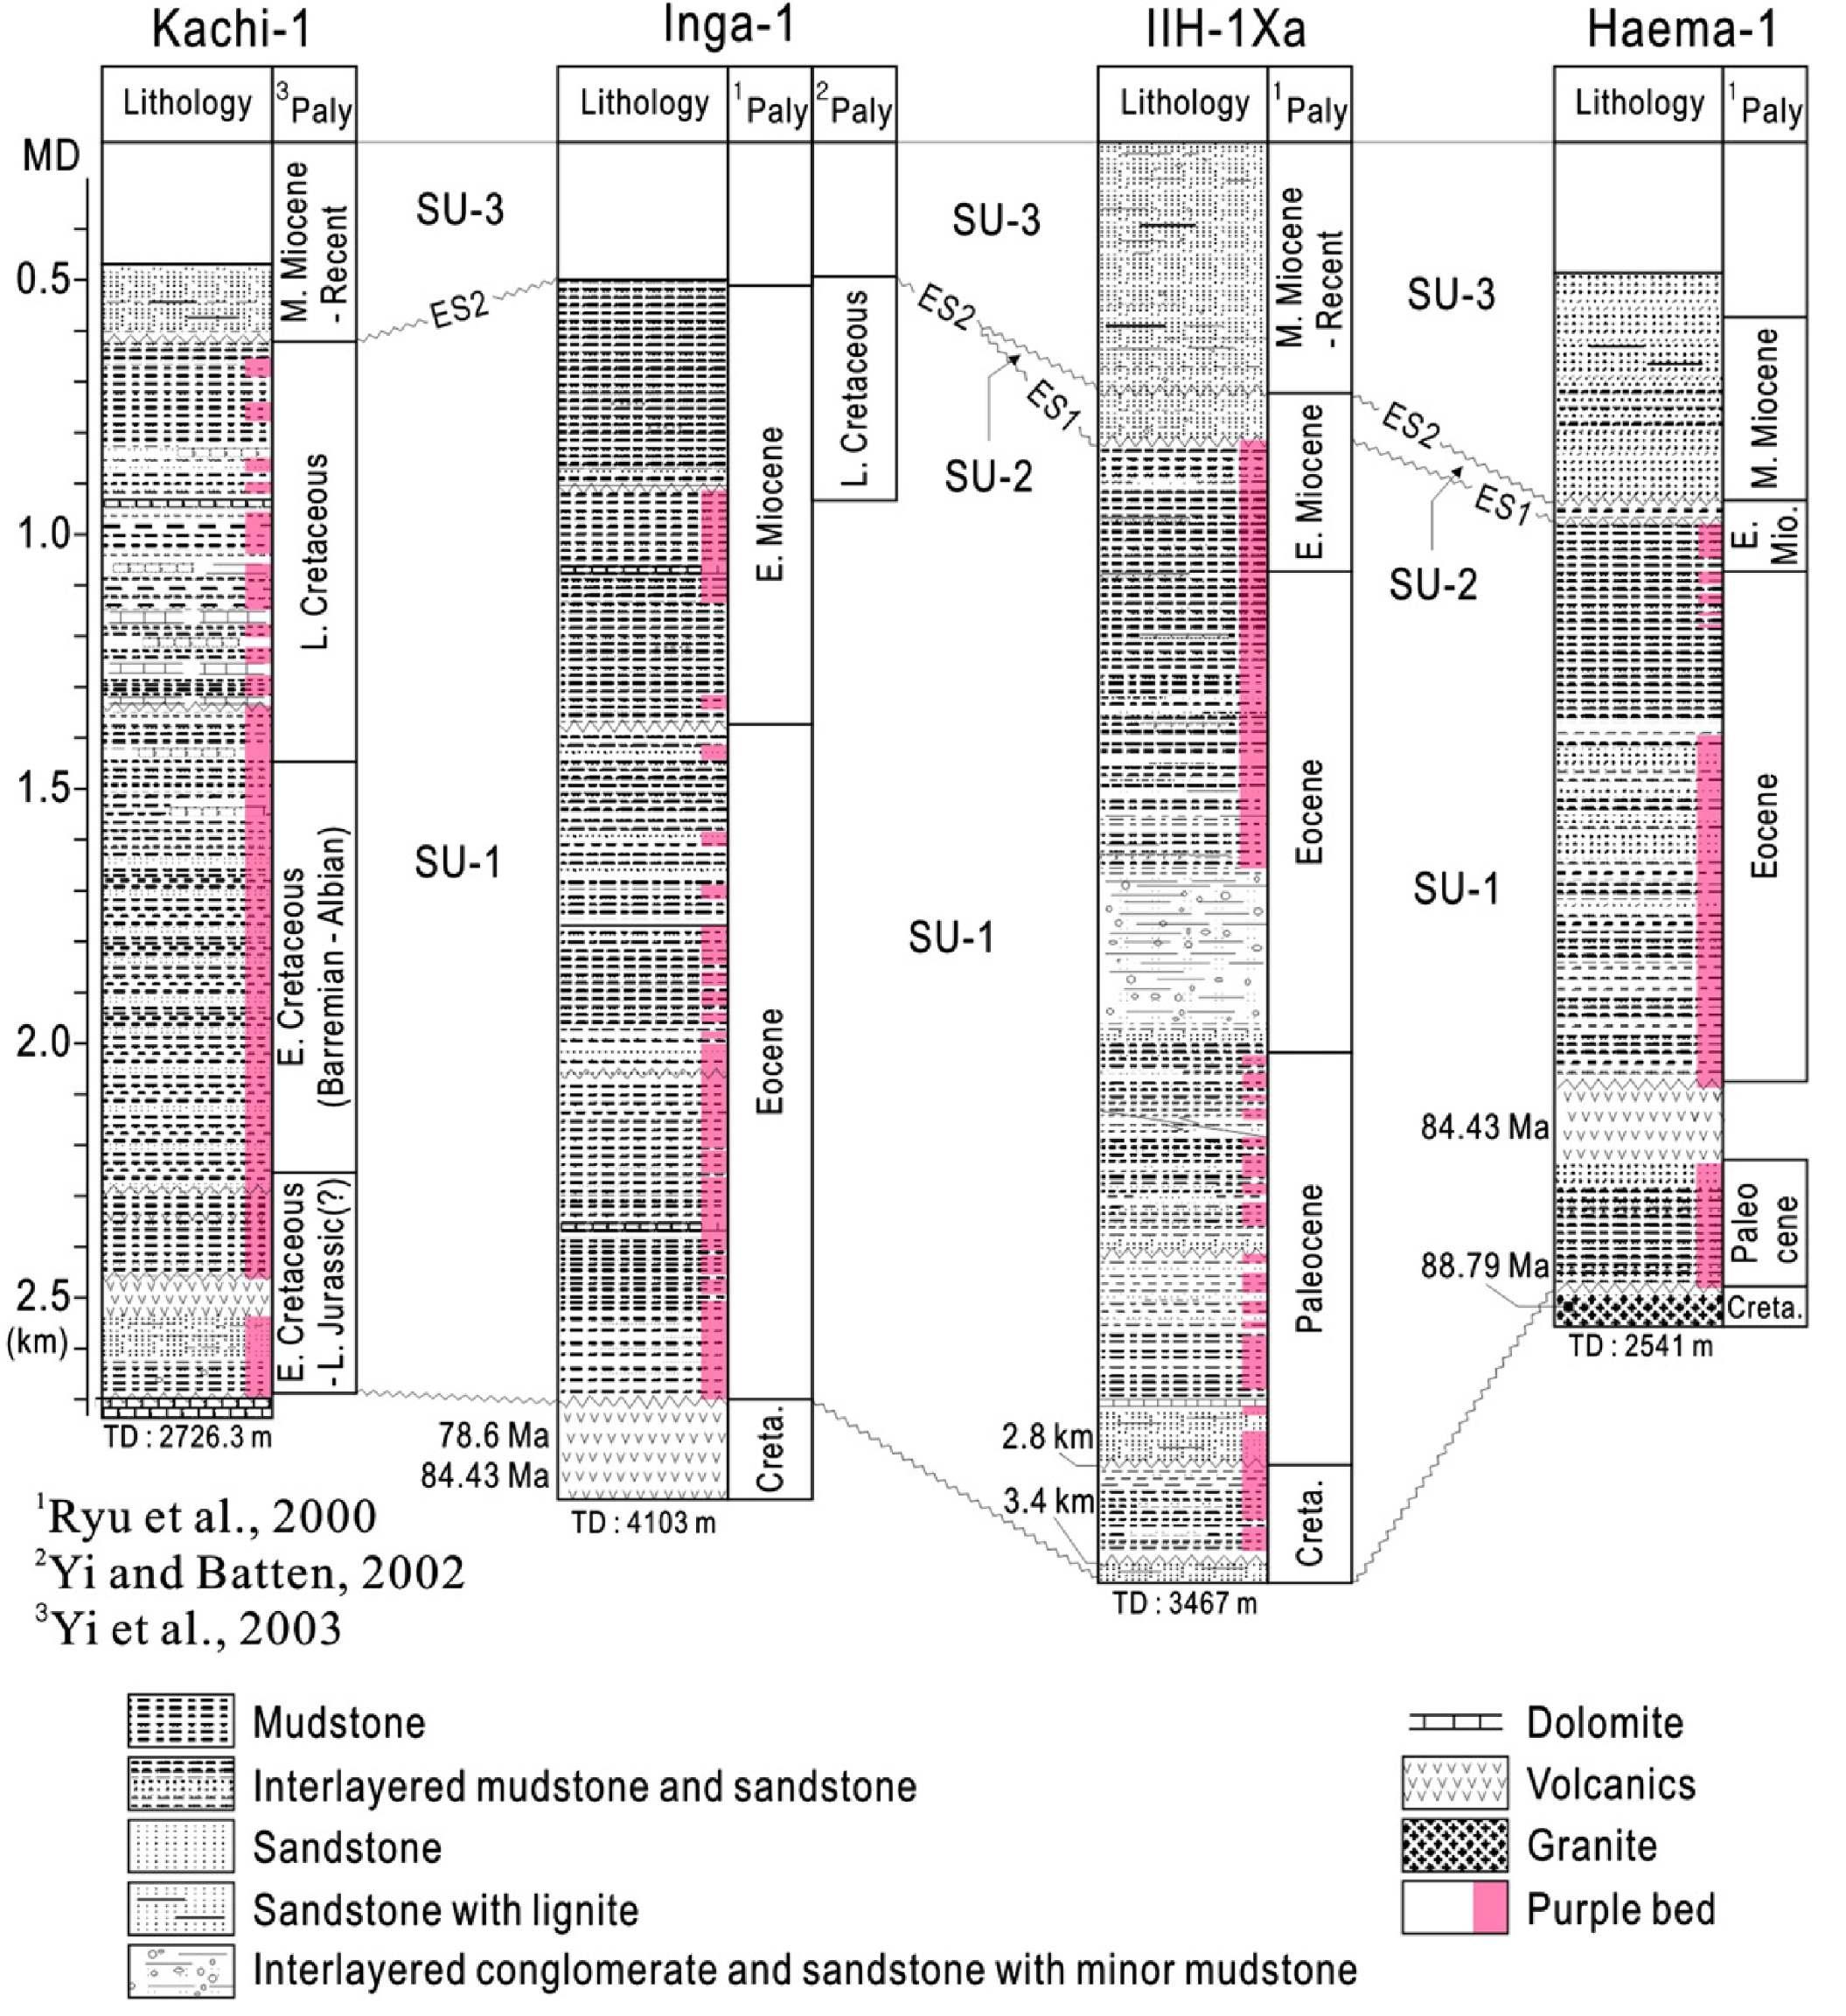 Lithology and biostratigraphy of exploratory wells (Kachi-1, Inga-1, IIH-1Xa, Haema-1)